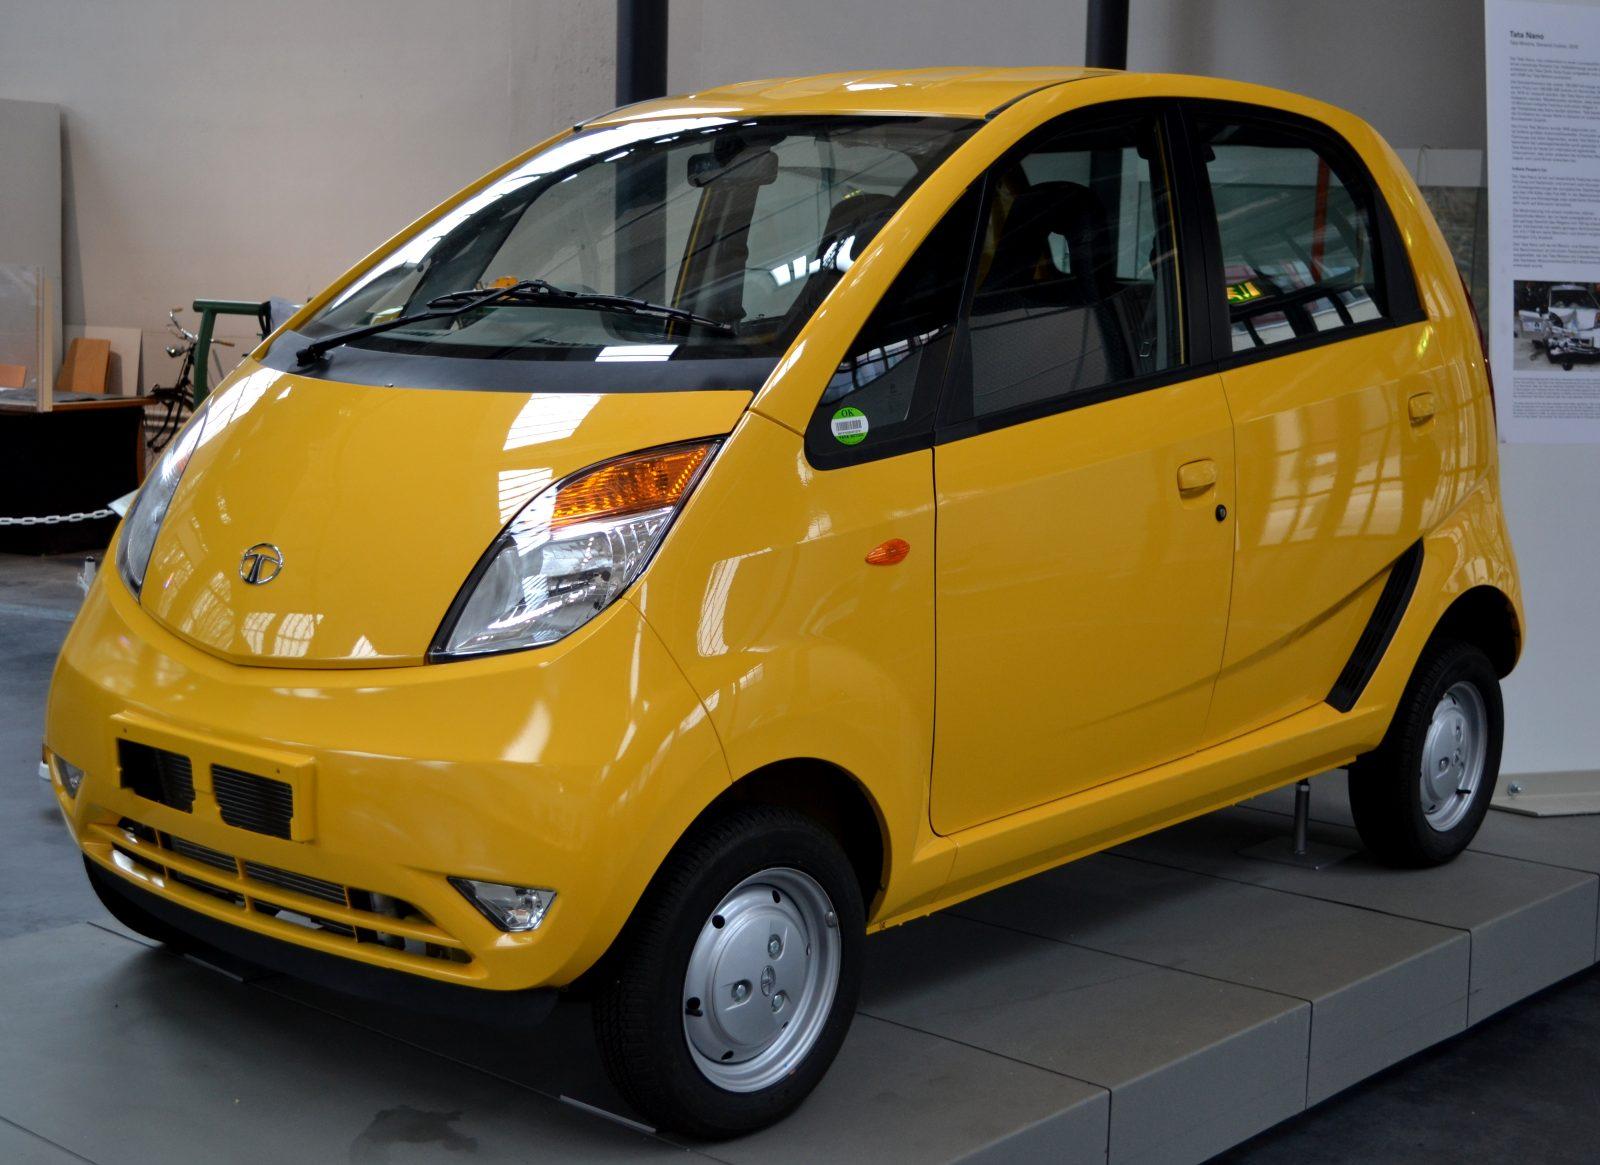 Коробки на колёсах или самые дешёвые авто в мире